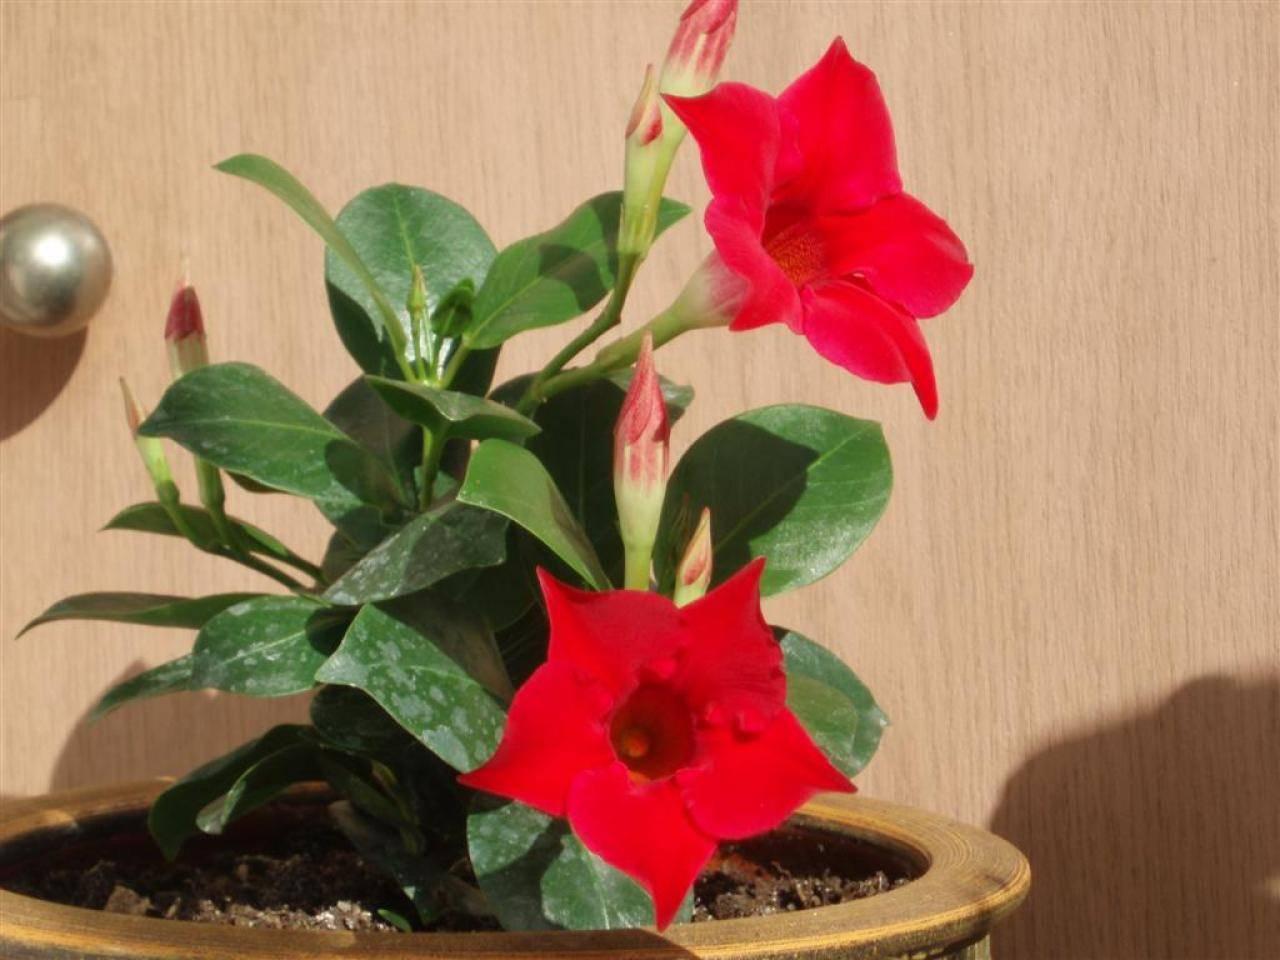 Мандевилла (mandevilla) — описание, выращивание, фото | на leplants.ru